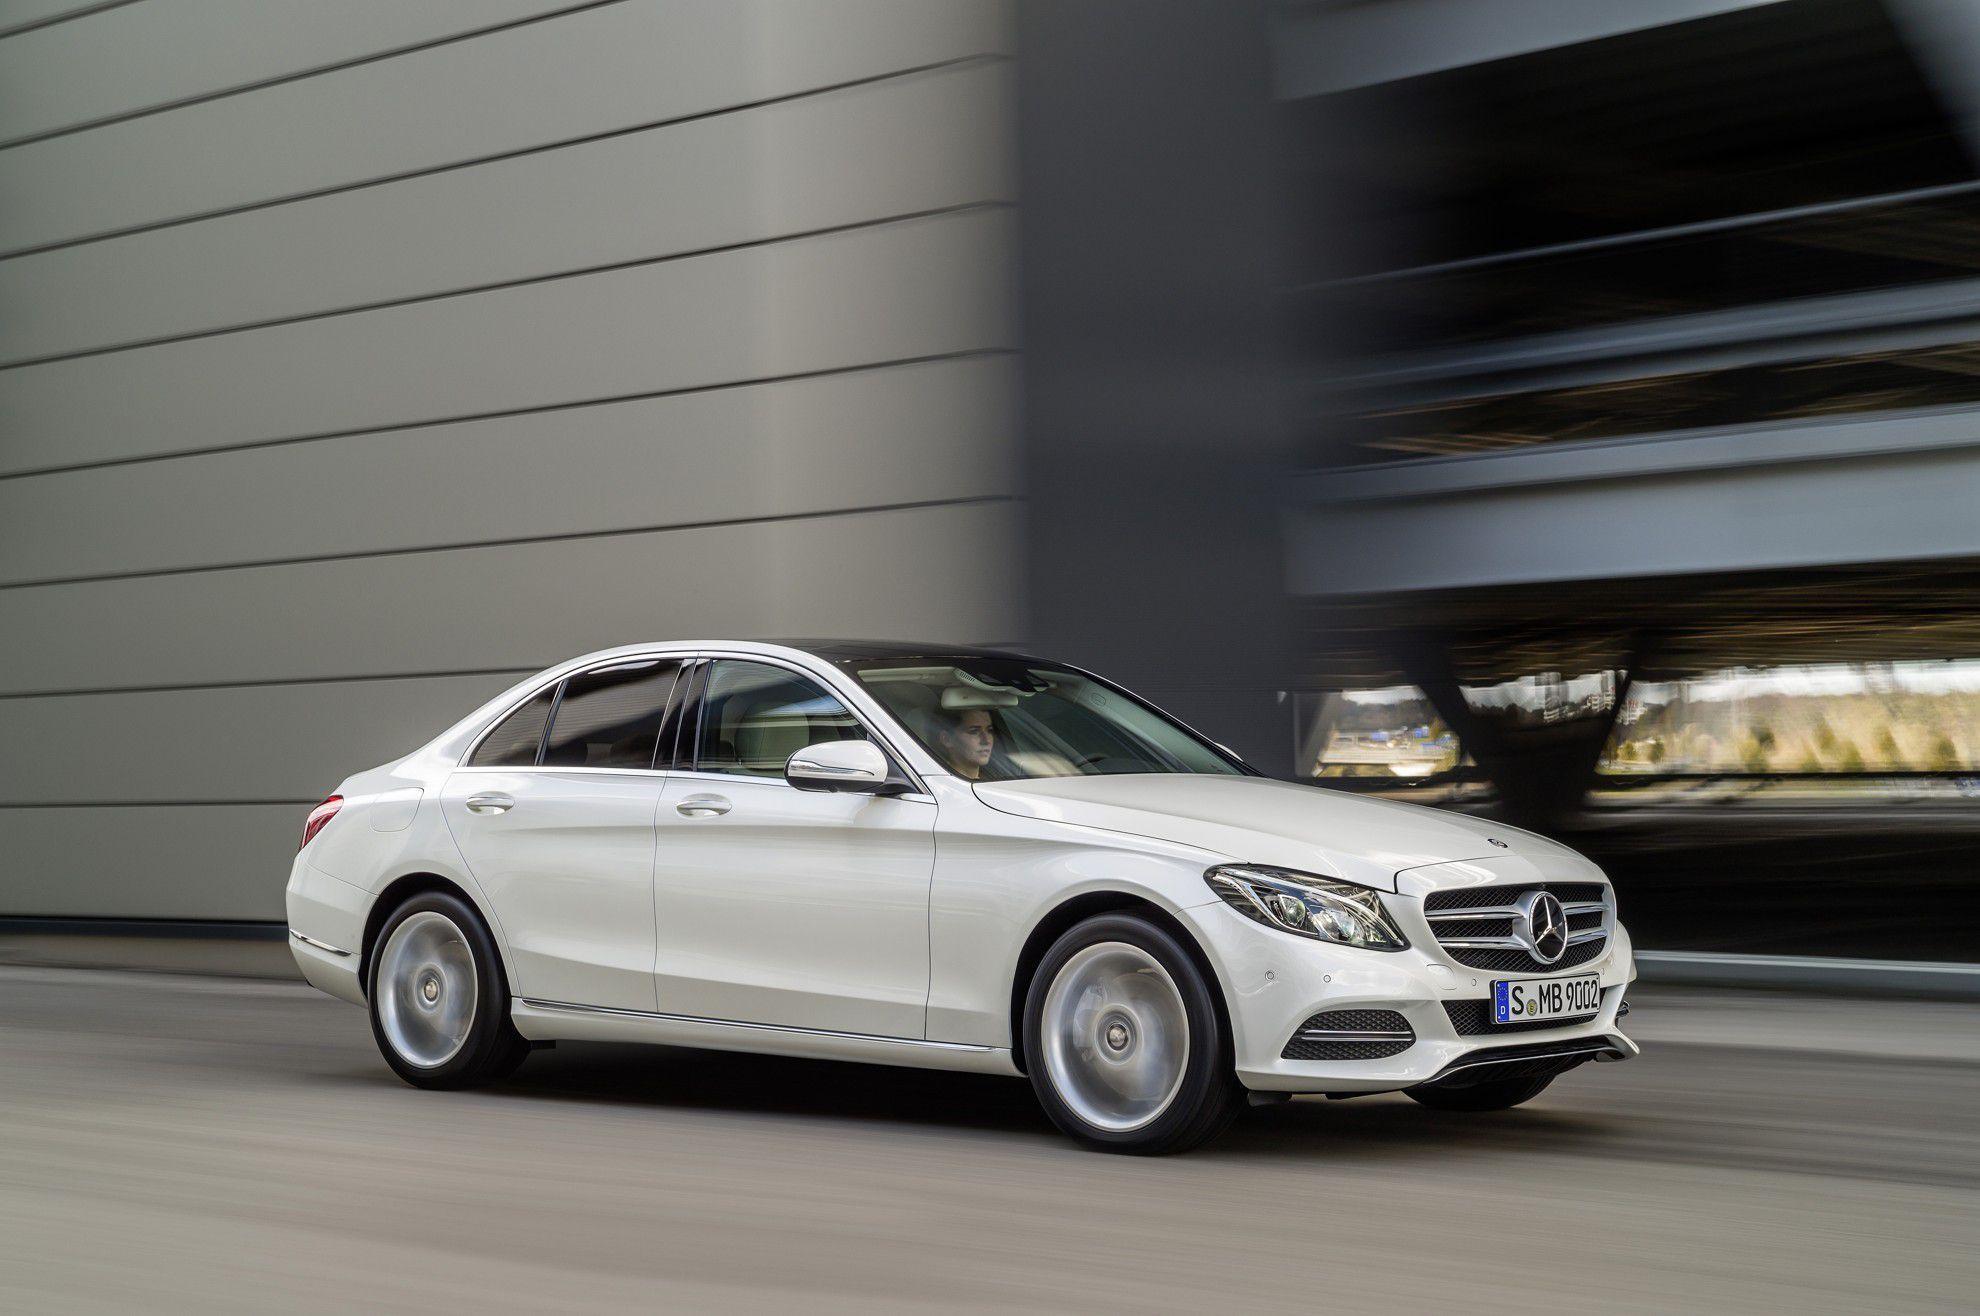 Mercedes Benz Cls Class Widescreen